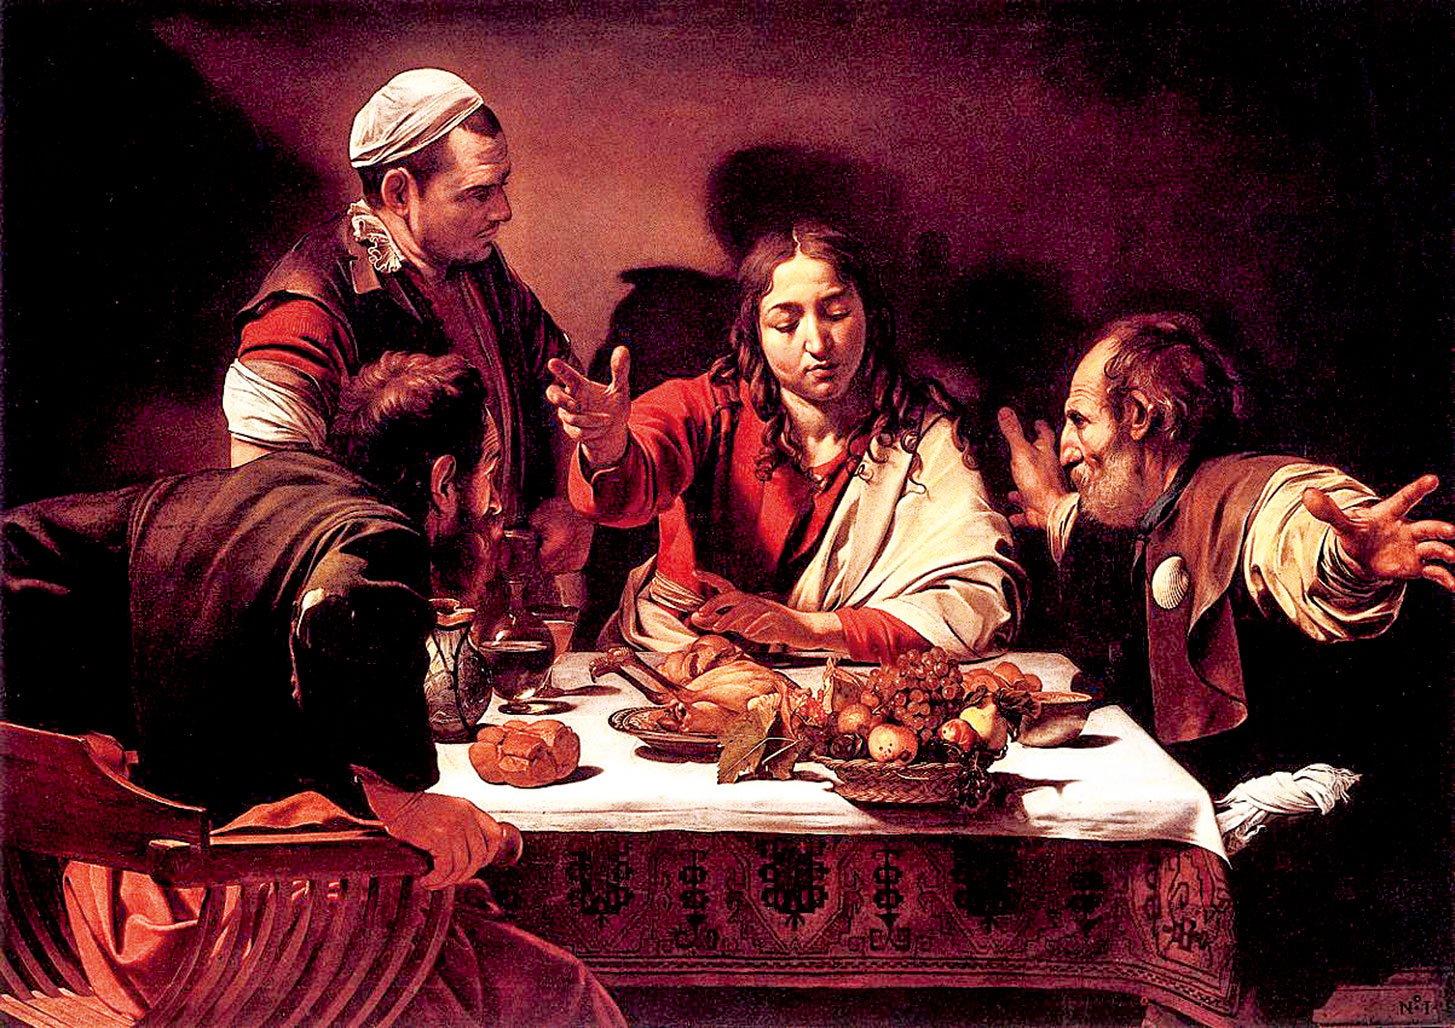 卡拉瓦喬1601年的作品《以馬忤斯的晚餐》,收藏於倫敦,英國國家美術館。(公有領域)